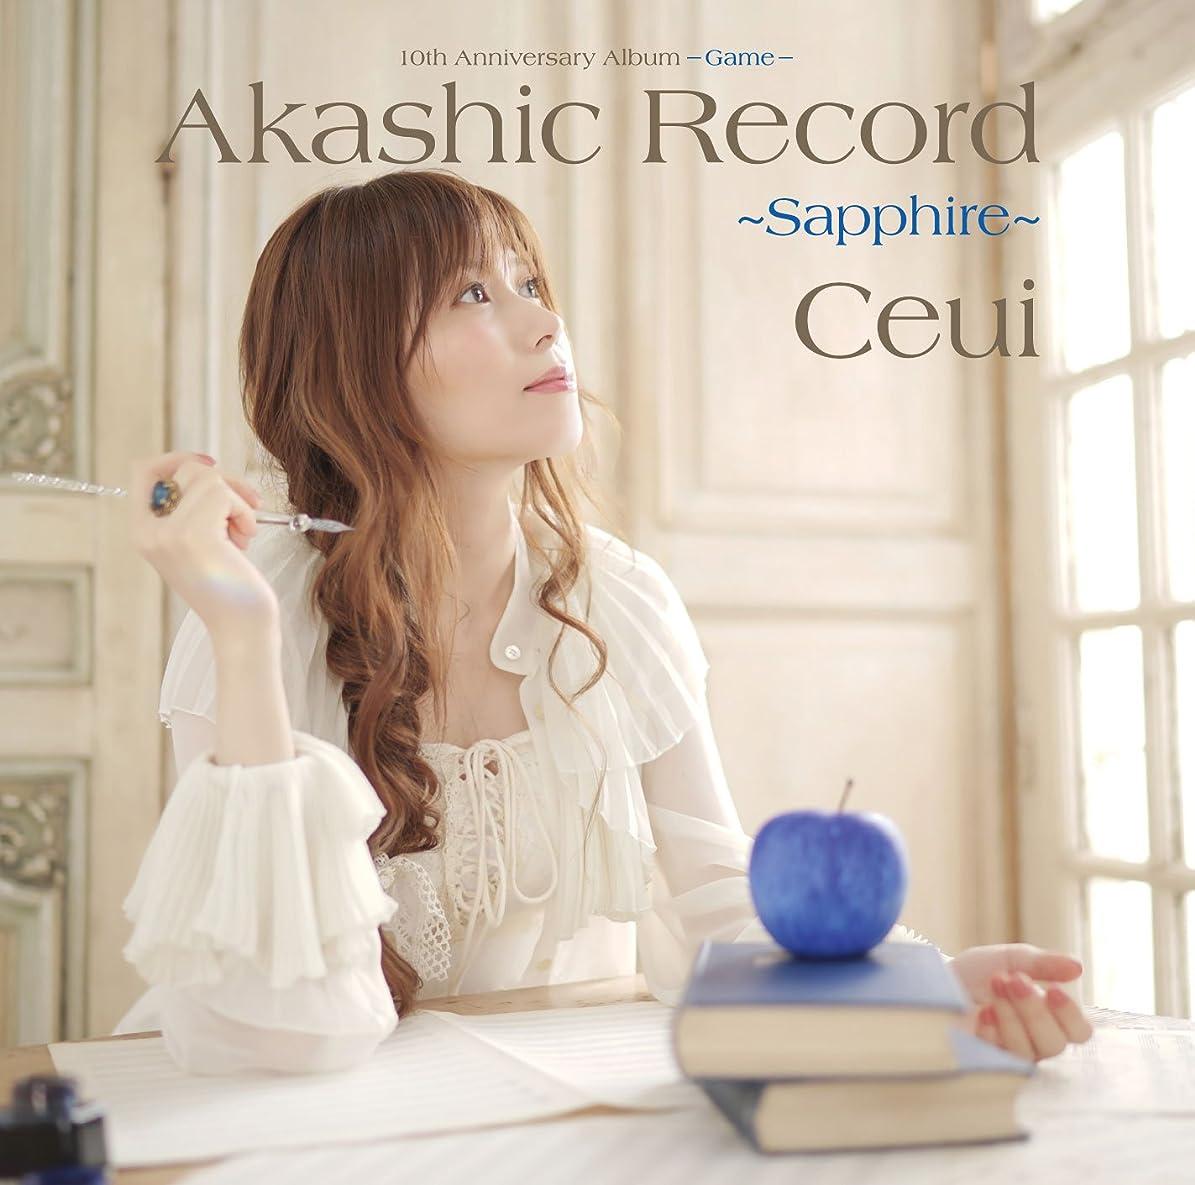 キノコポークパートナー10th Anniversary Album - Game -「アカシックレコード ~ サファイア ~」